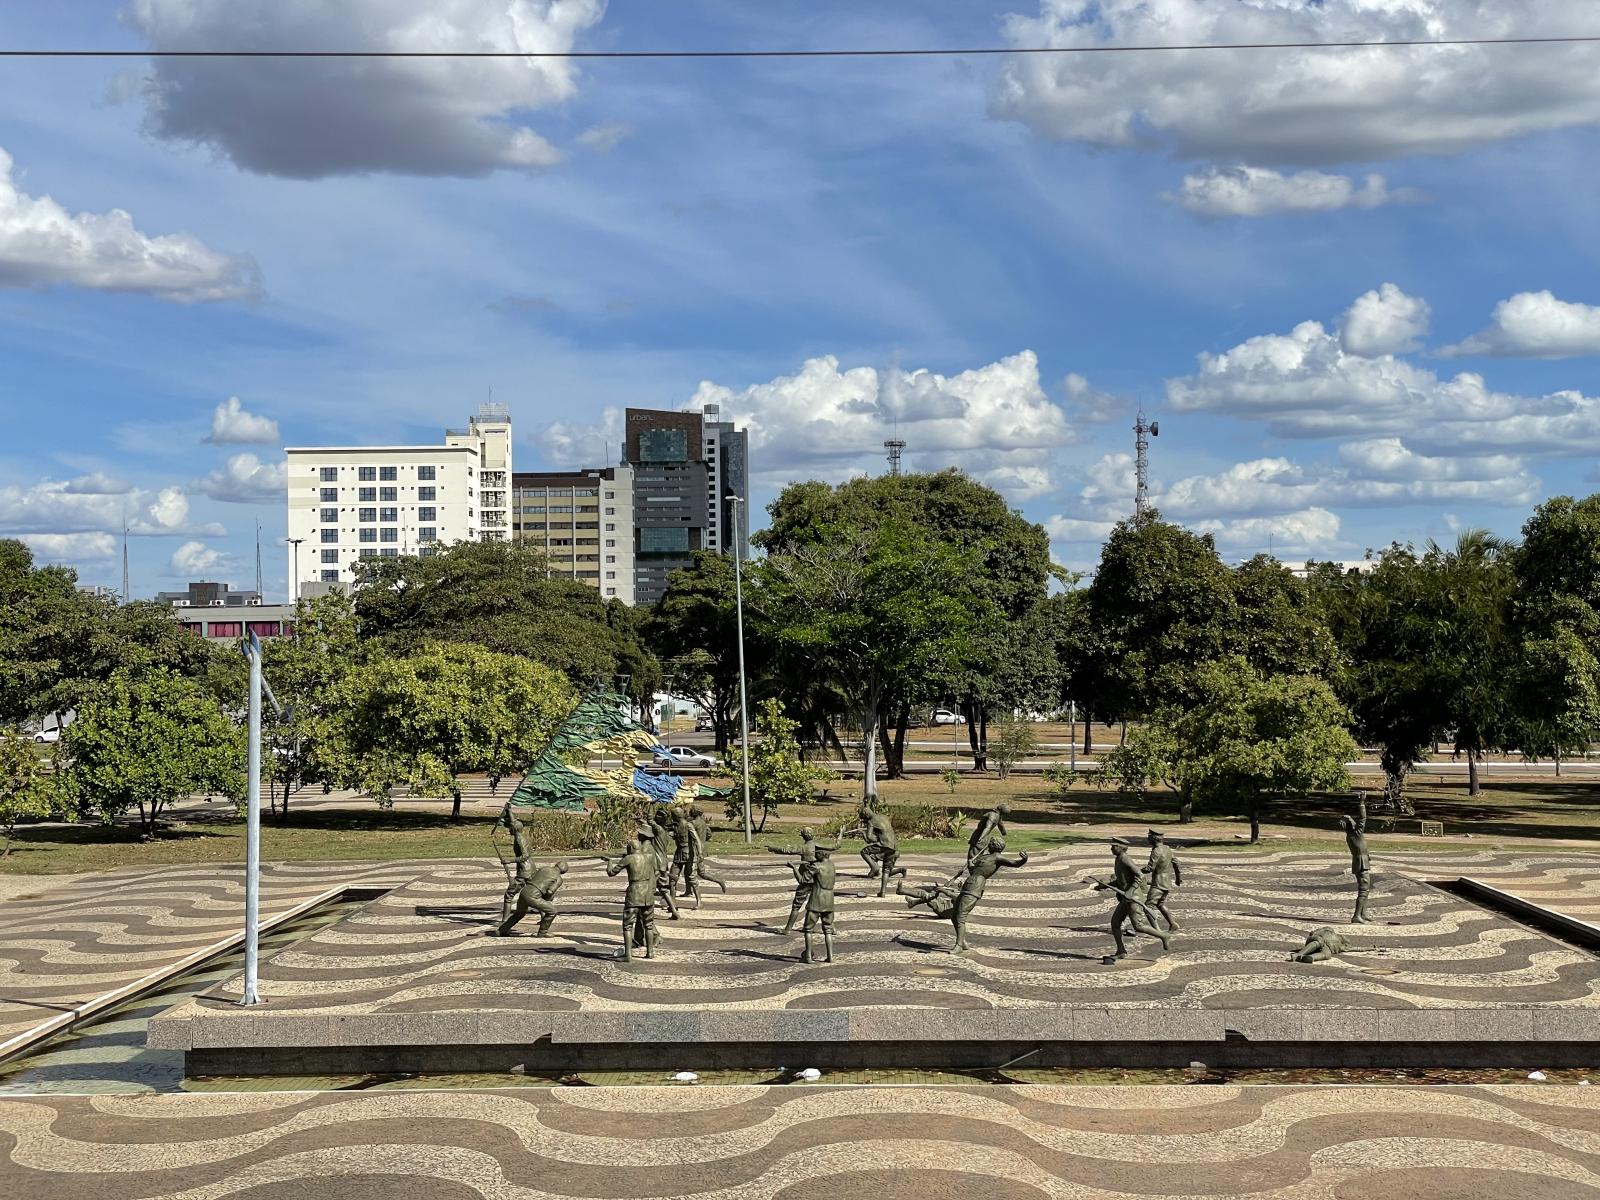 Monumento-aos-Dezoito-do-Forte-de-Copacabana